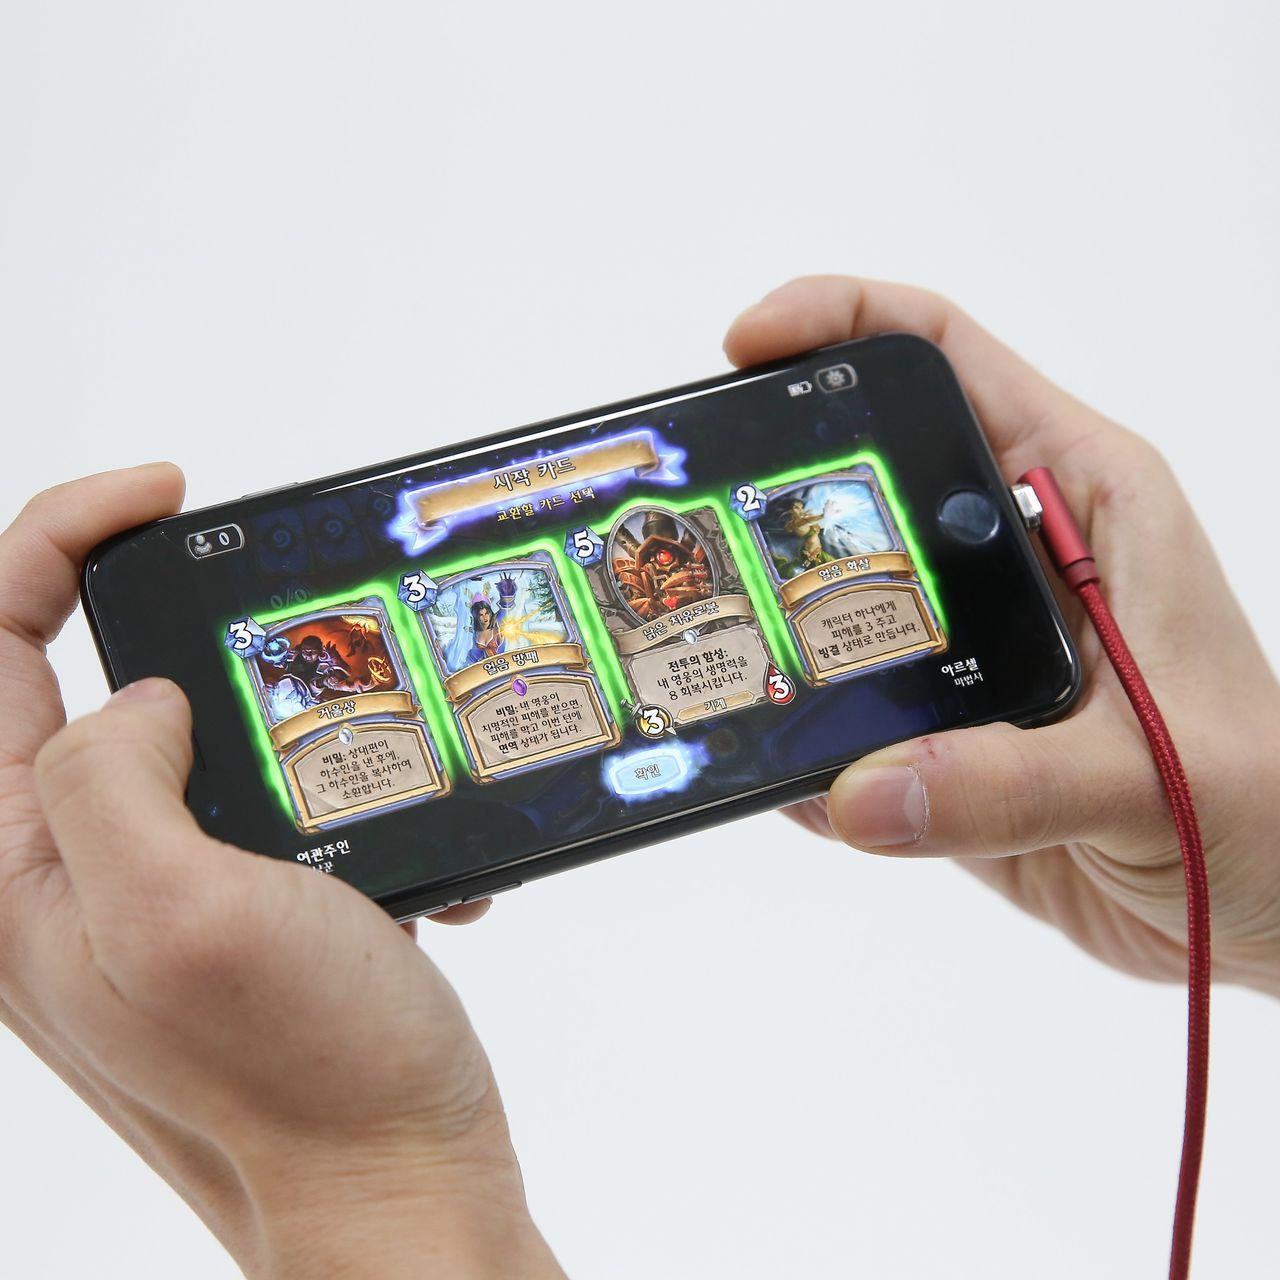 충전과 동시에 편리한 동영상 시청 및 게임